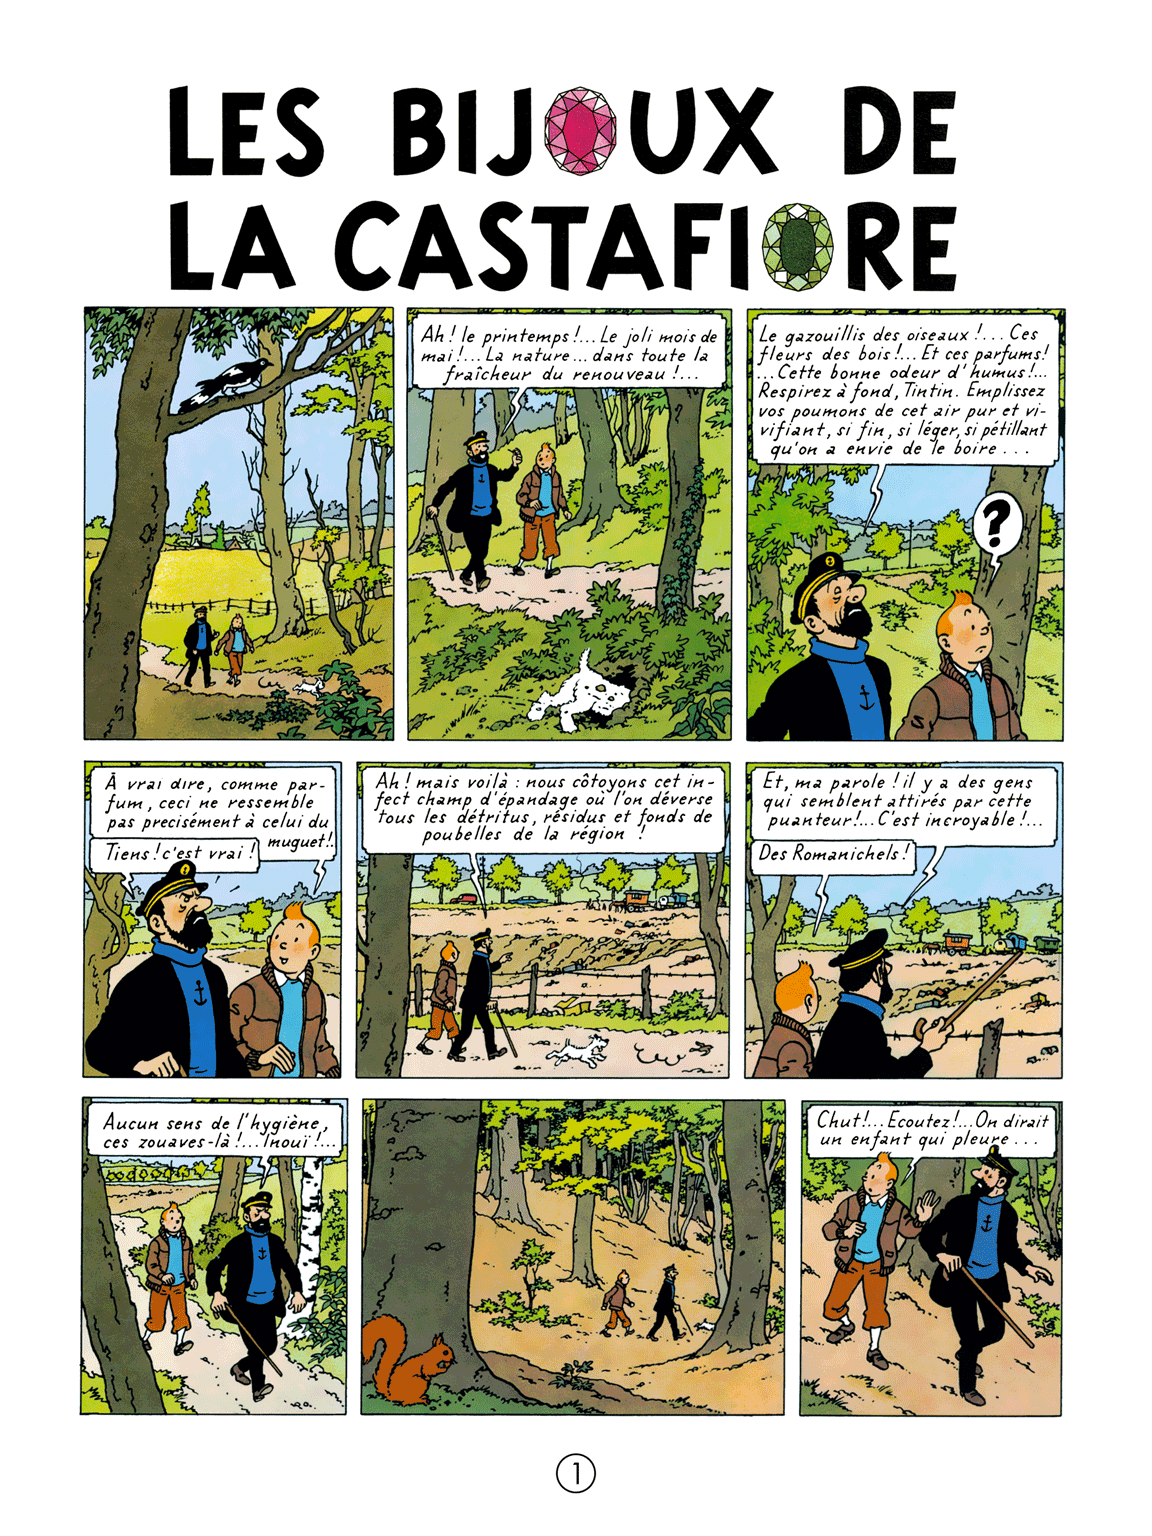 Les Bijoux de la Castafiore - page 1